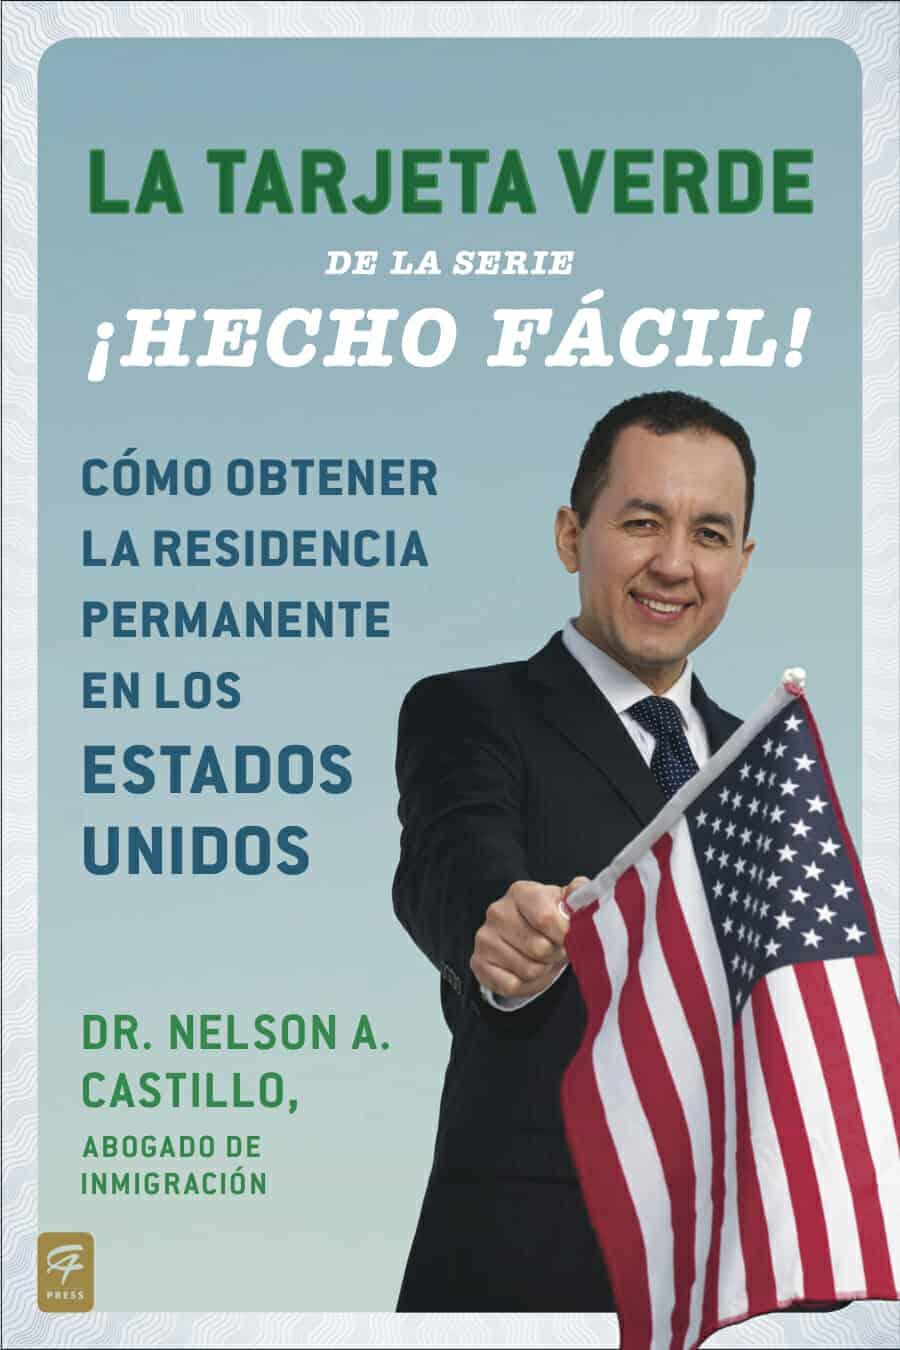 Dr. Nelson A. Castillo Prensa